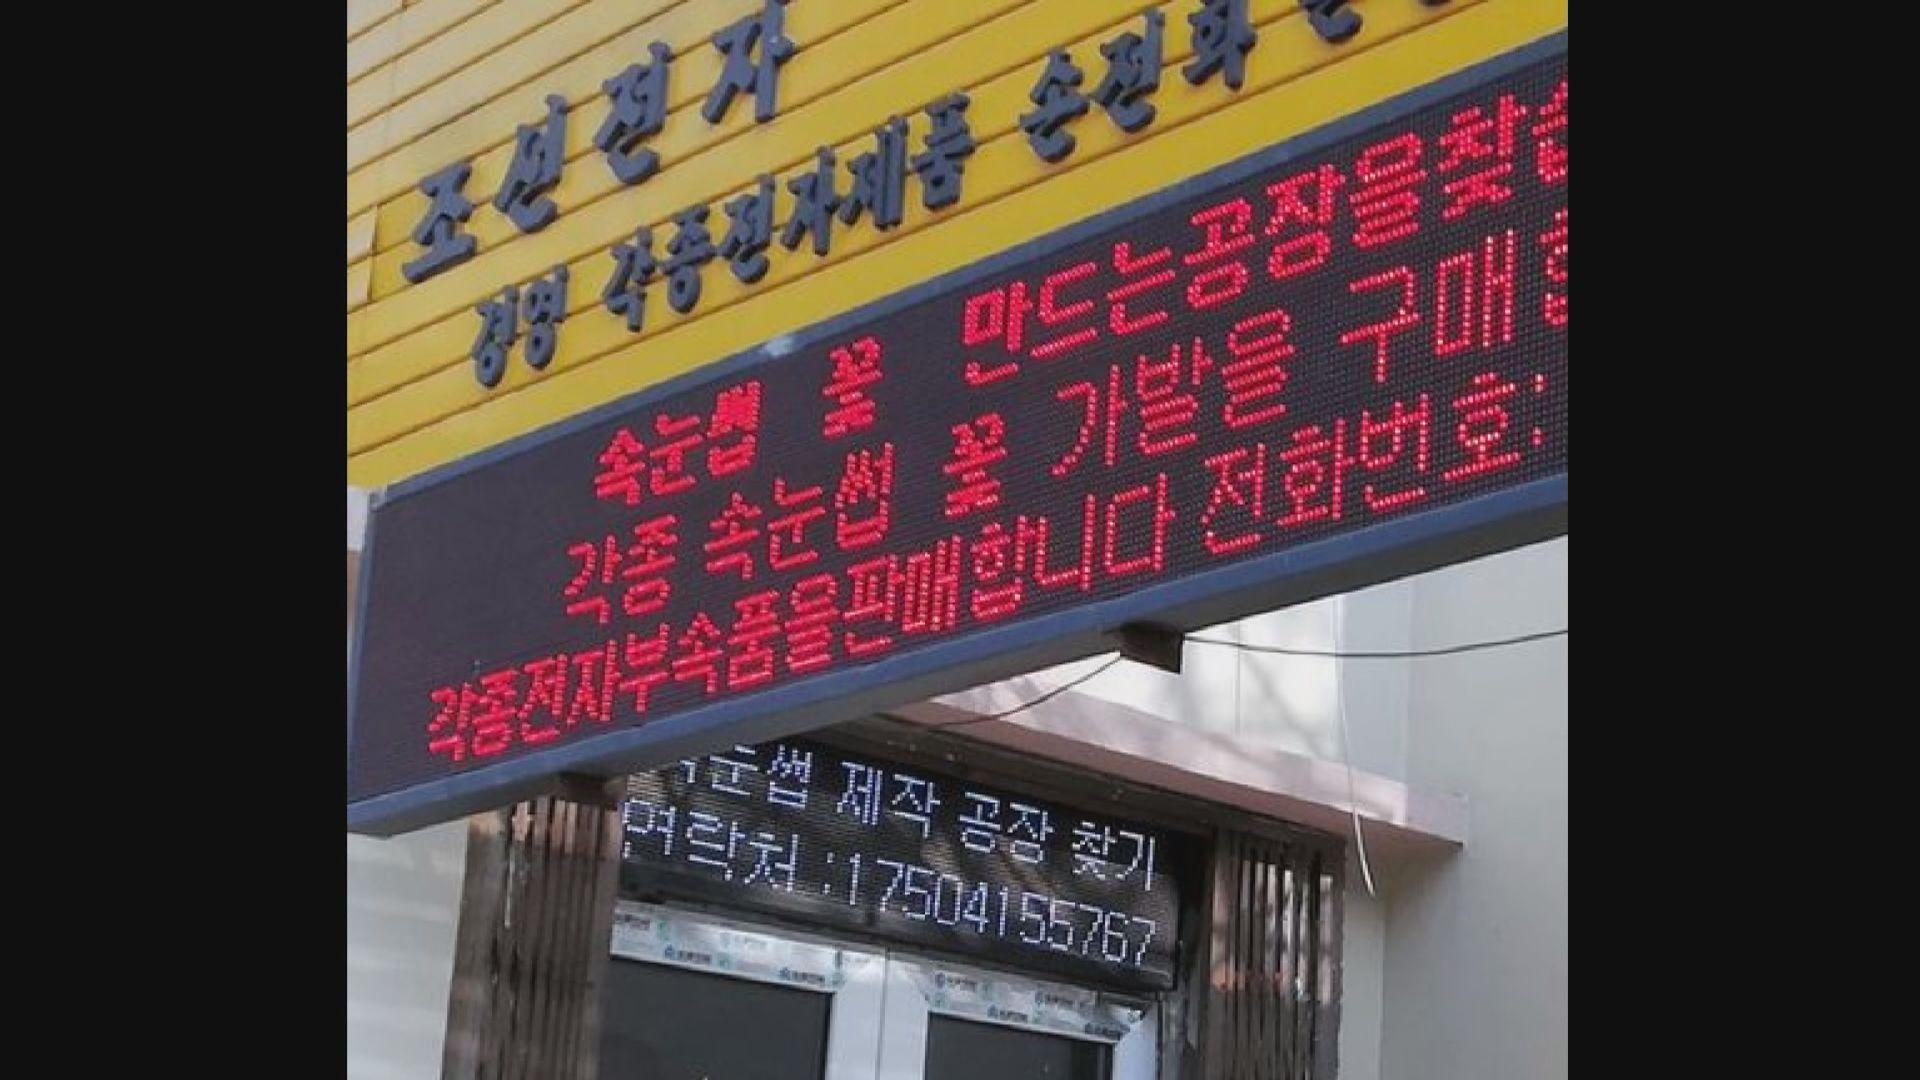 【環球薈報】北韓出口假髮假睫毛賺外匯抗制裁